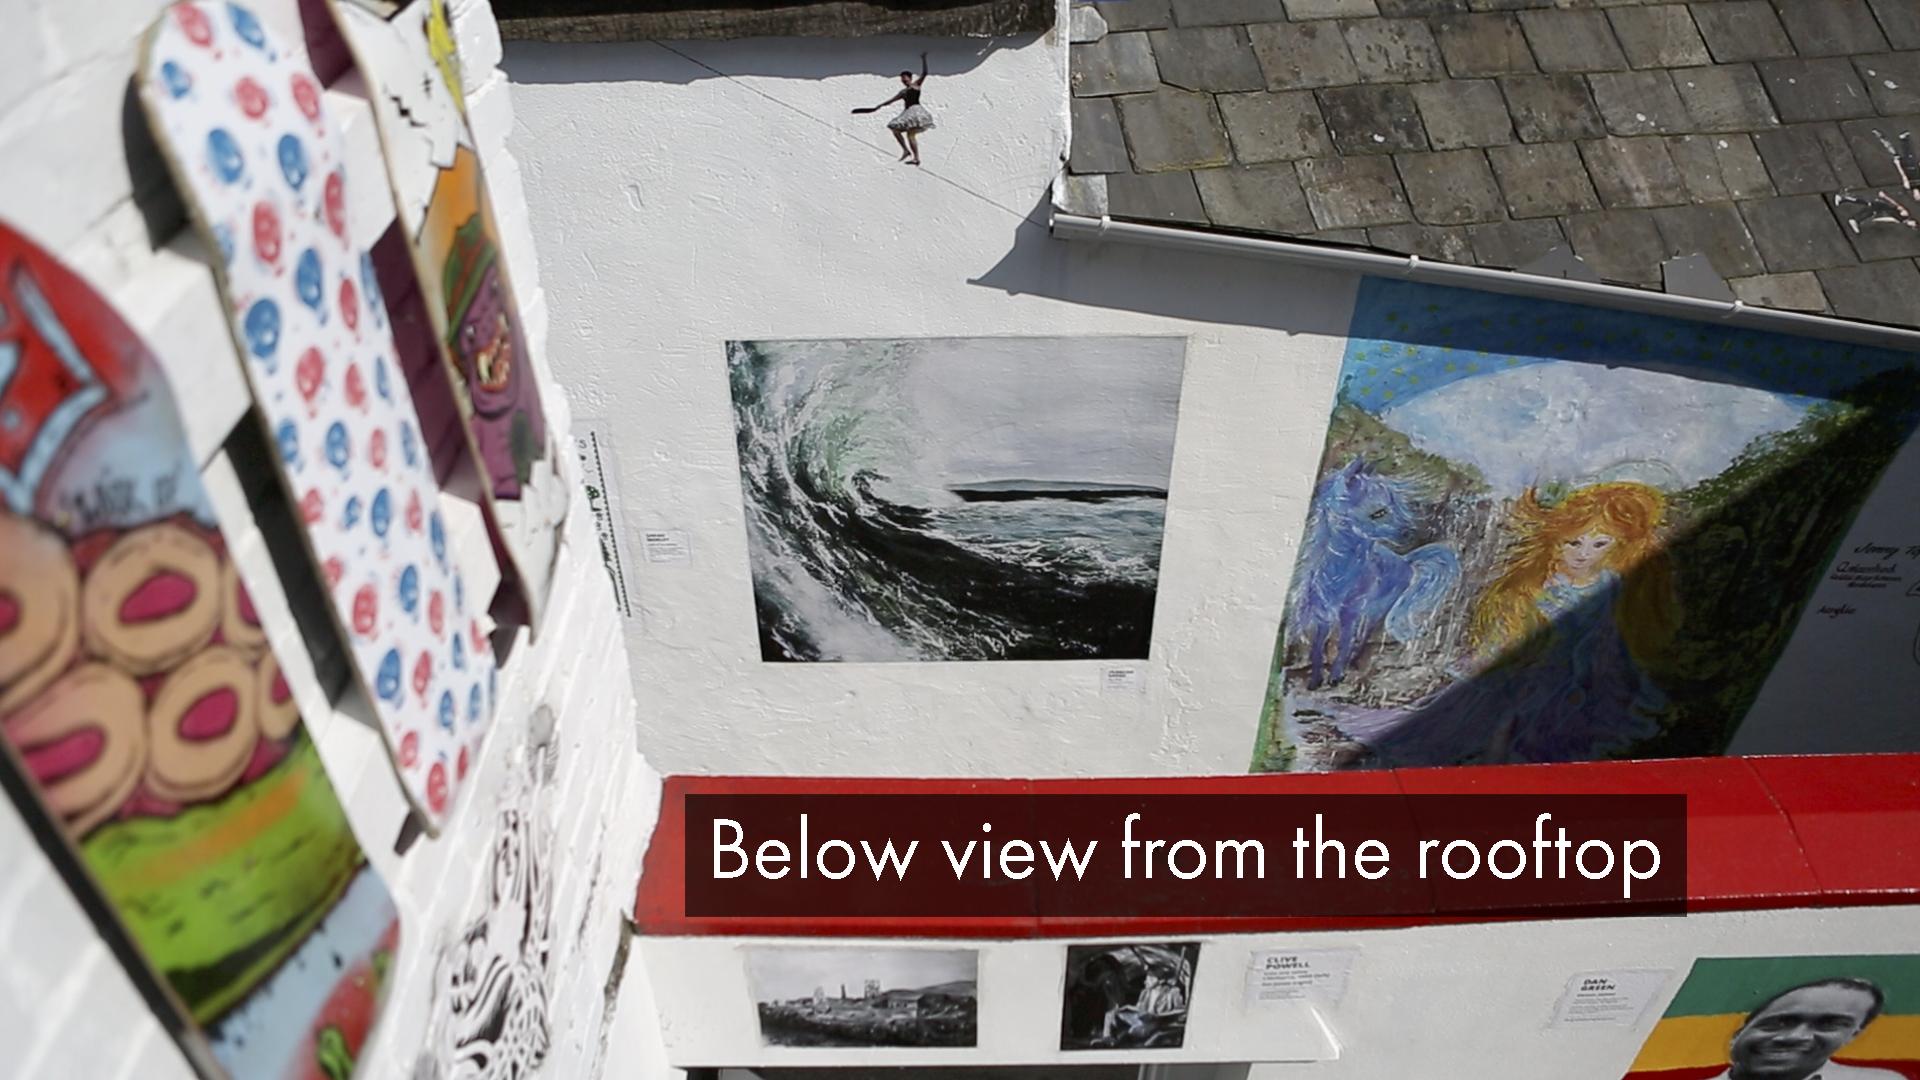 Belowviewfromtherooftop.jpg